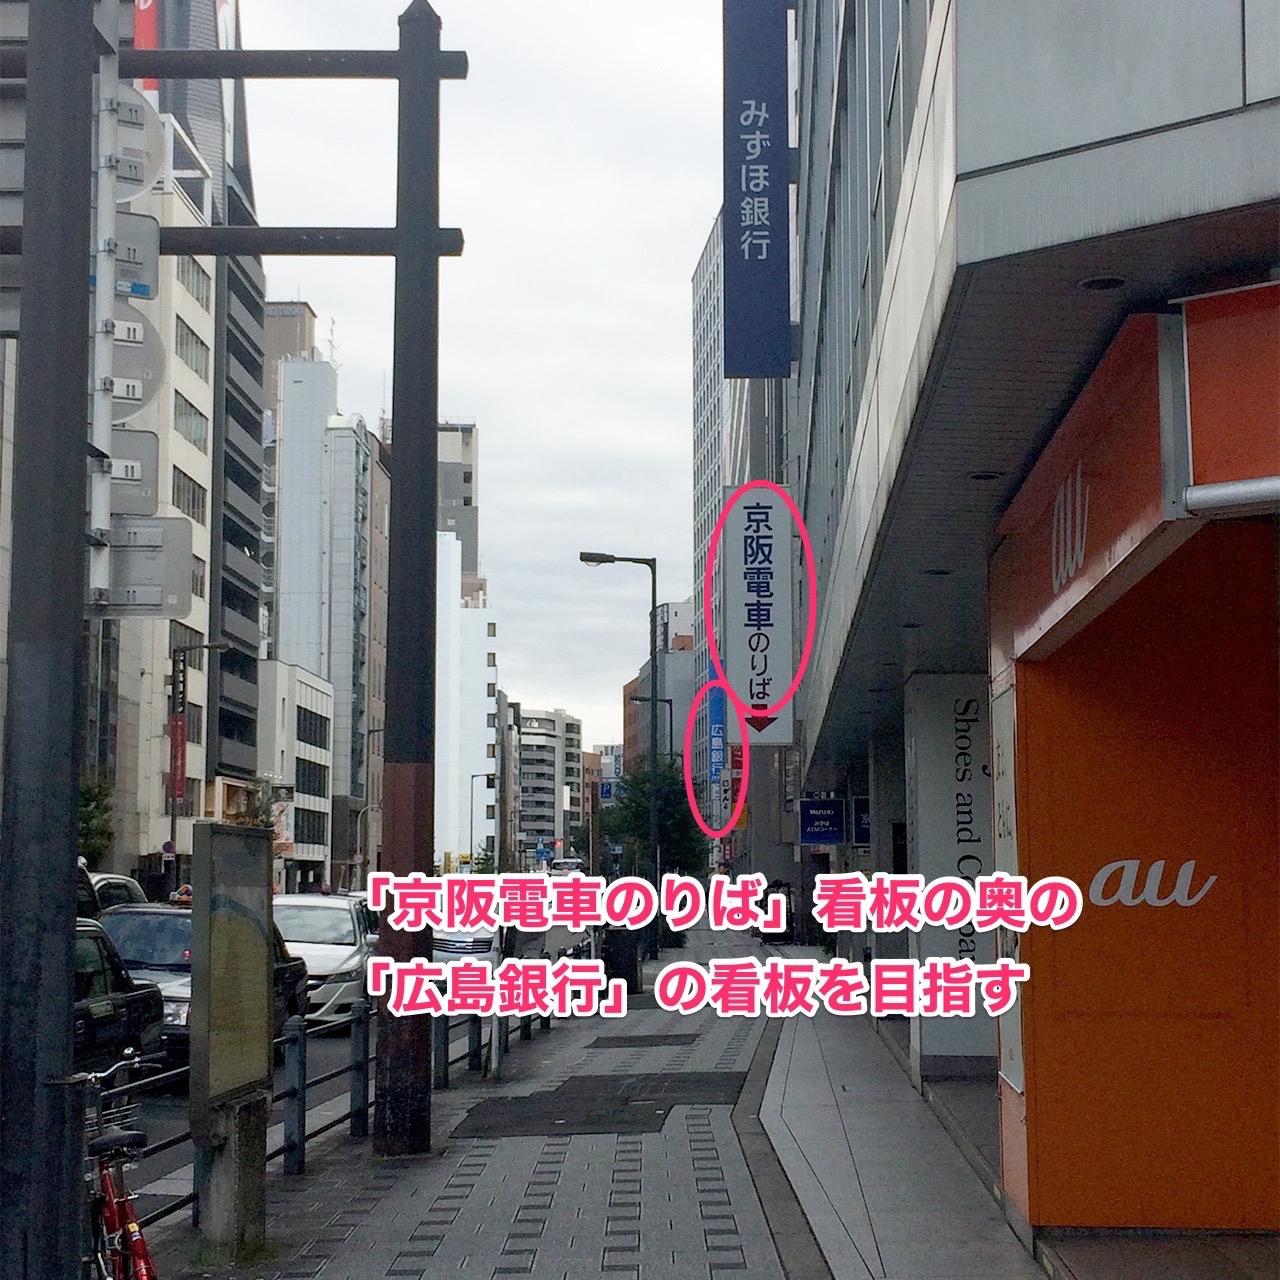 広島銀行を目指す